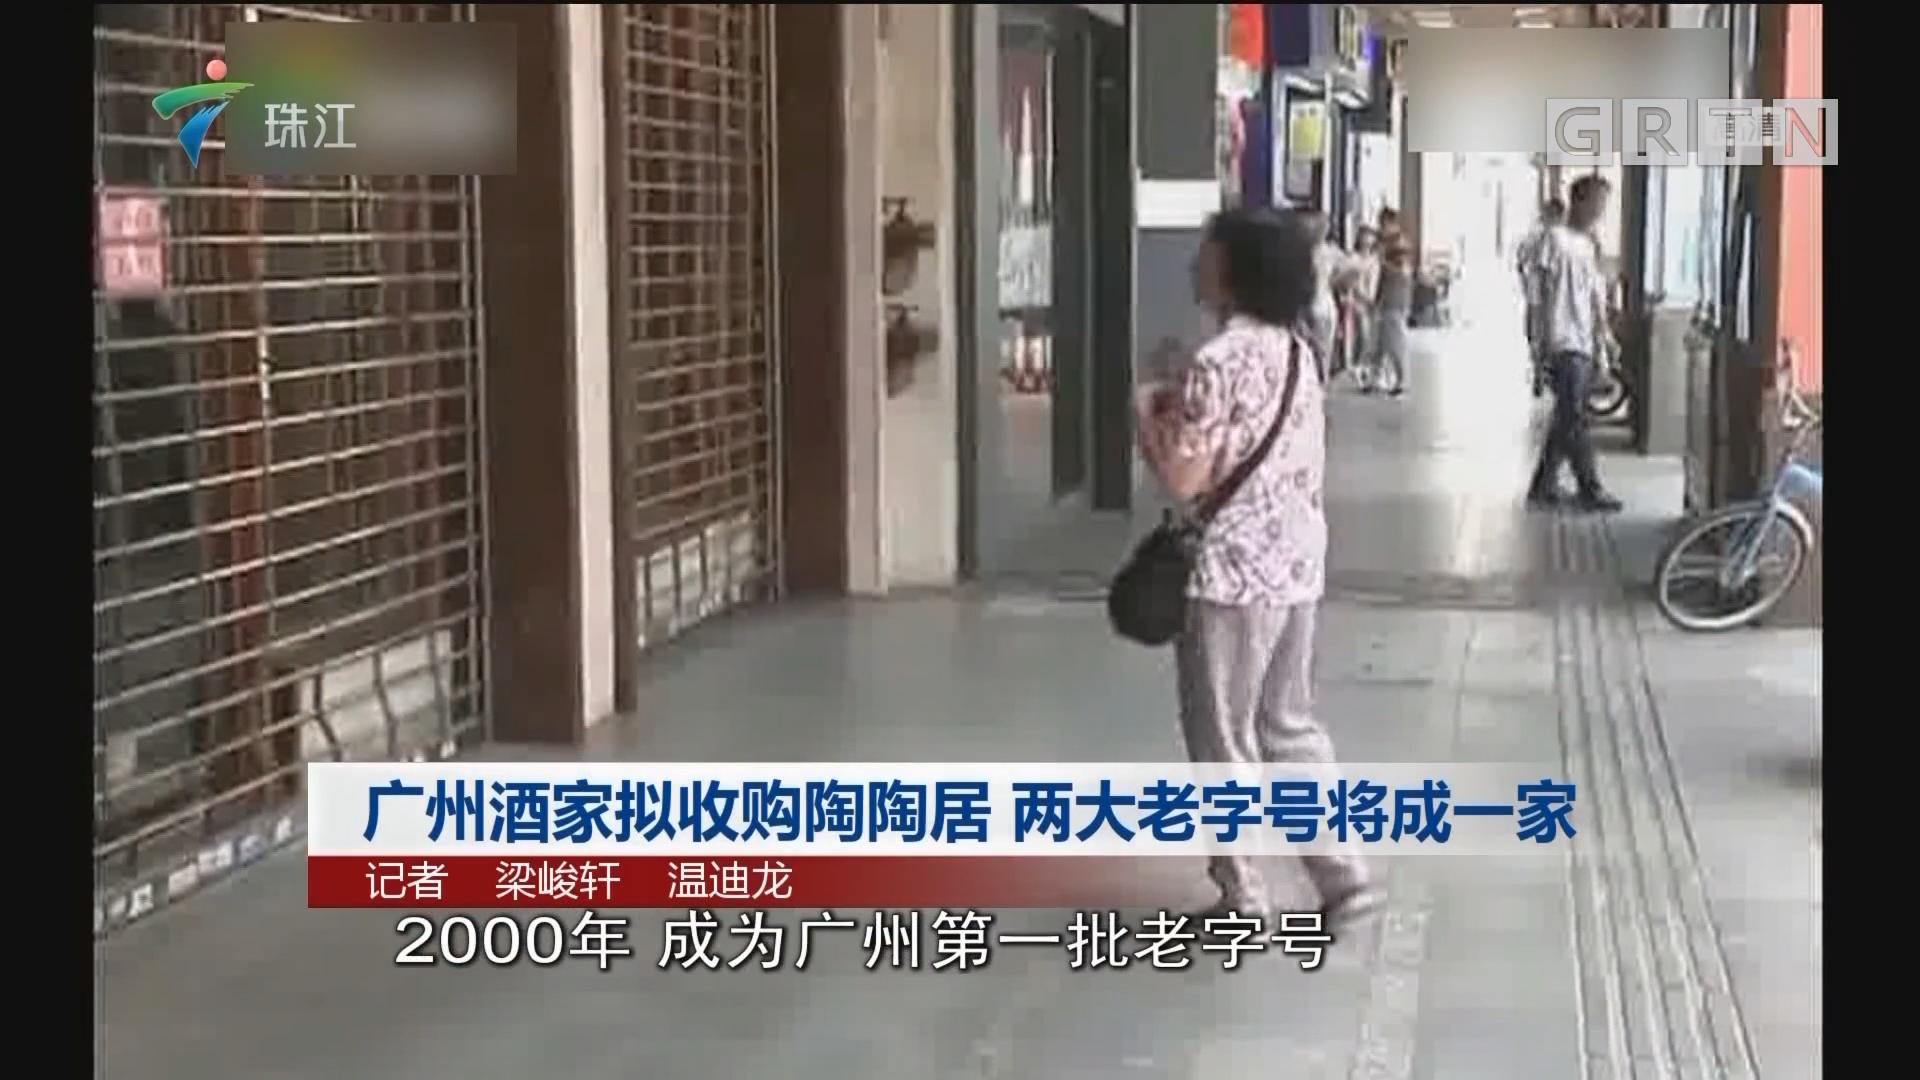 廣州酒家擬收購陶陶居 兩大老字號將成一家